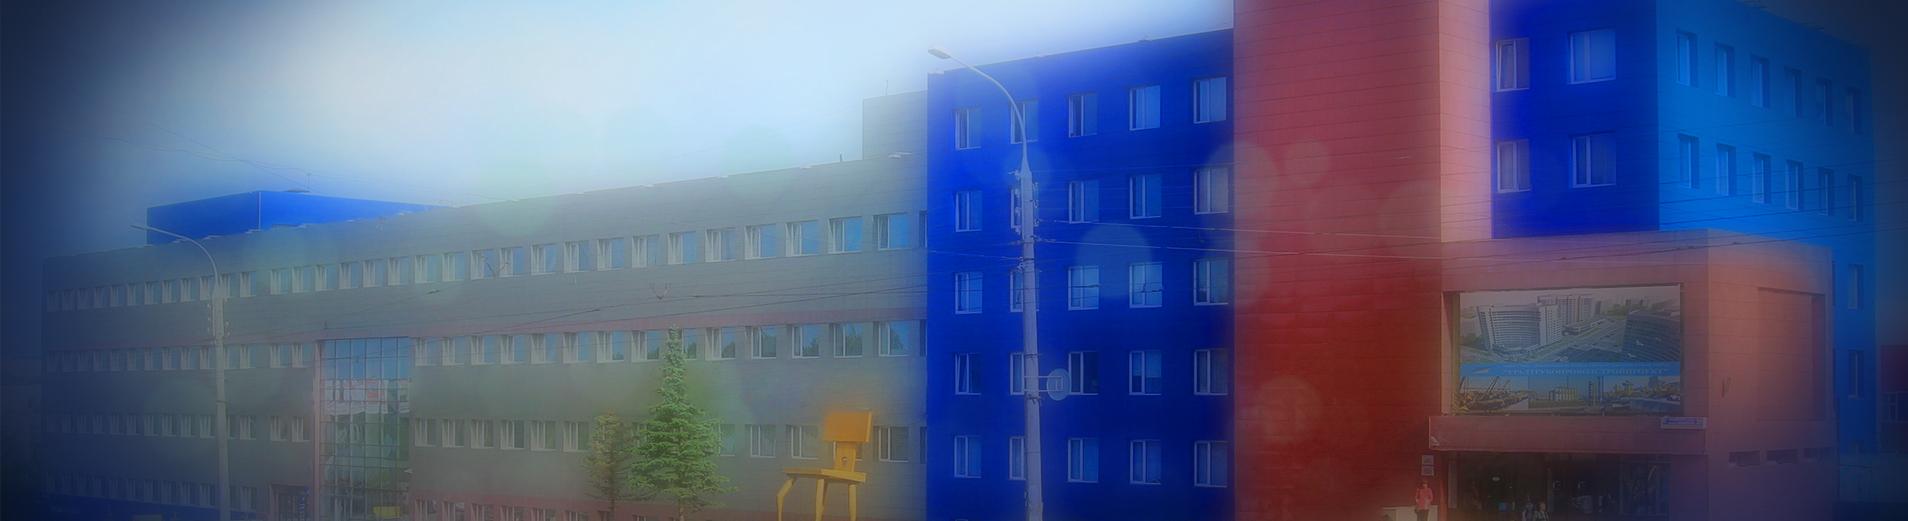 utpsp-bg-utpsp-blur-small